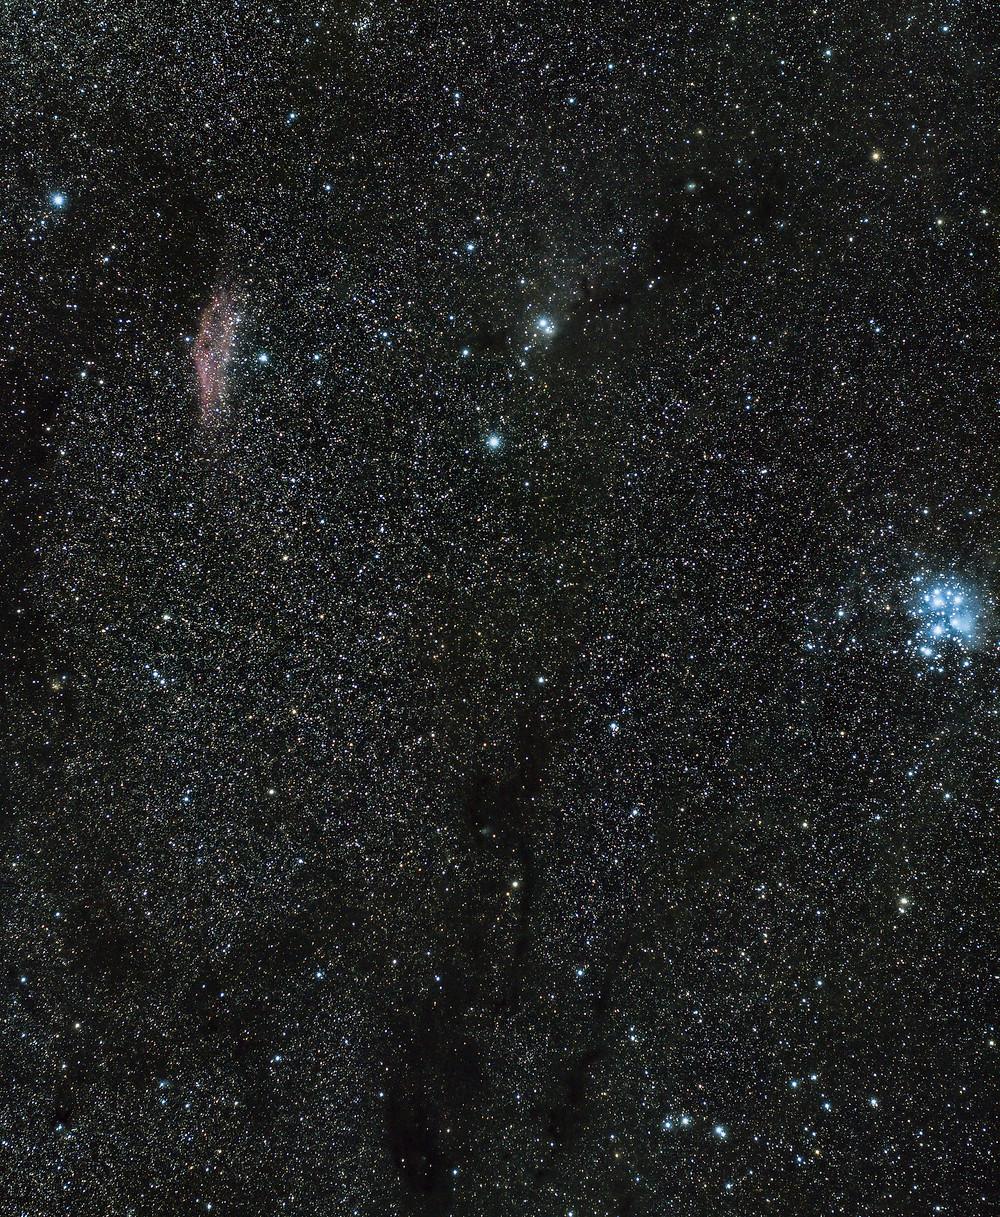 M45 et la nébuleuse de la Californie à l'APN non modifié